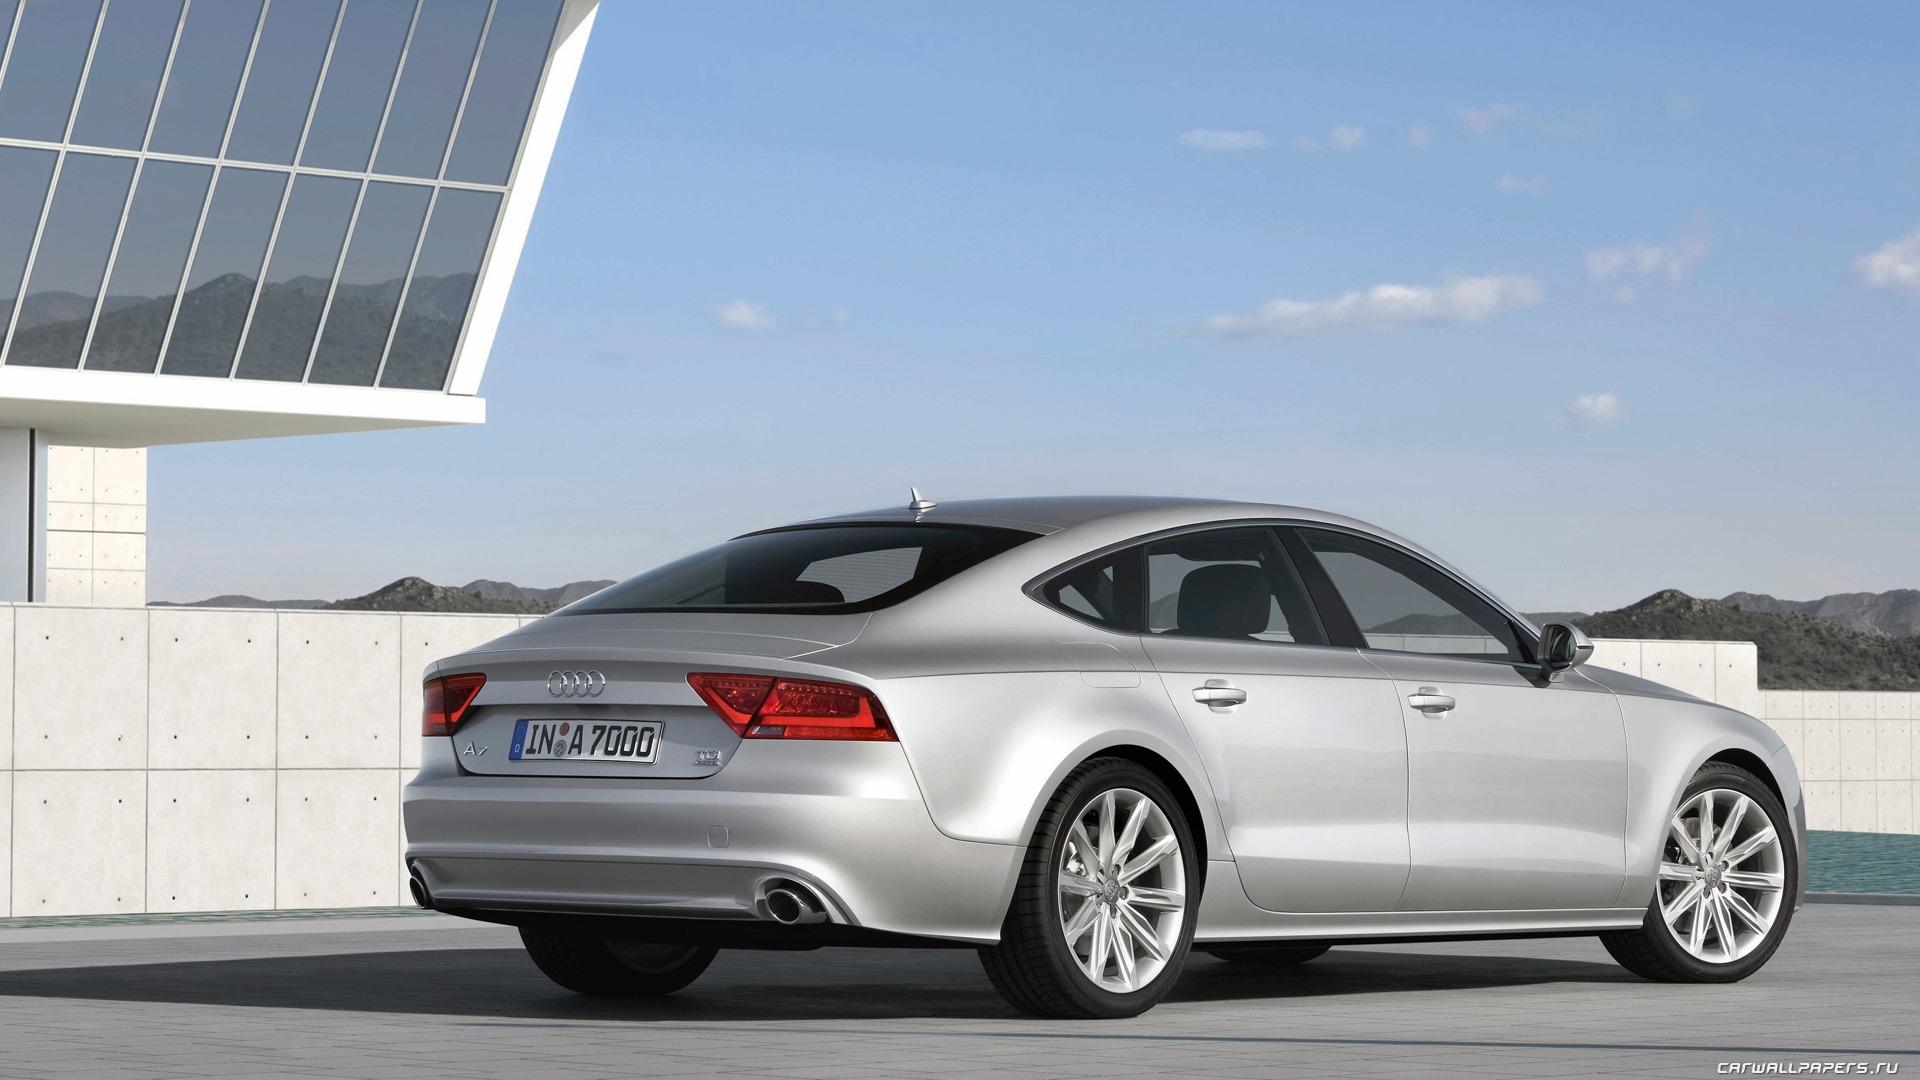 Audi A7 Sportback 3.0 TDI quattro - 2010 fonds d'écran HD #8 ...